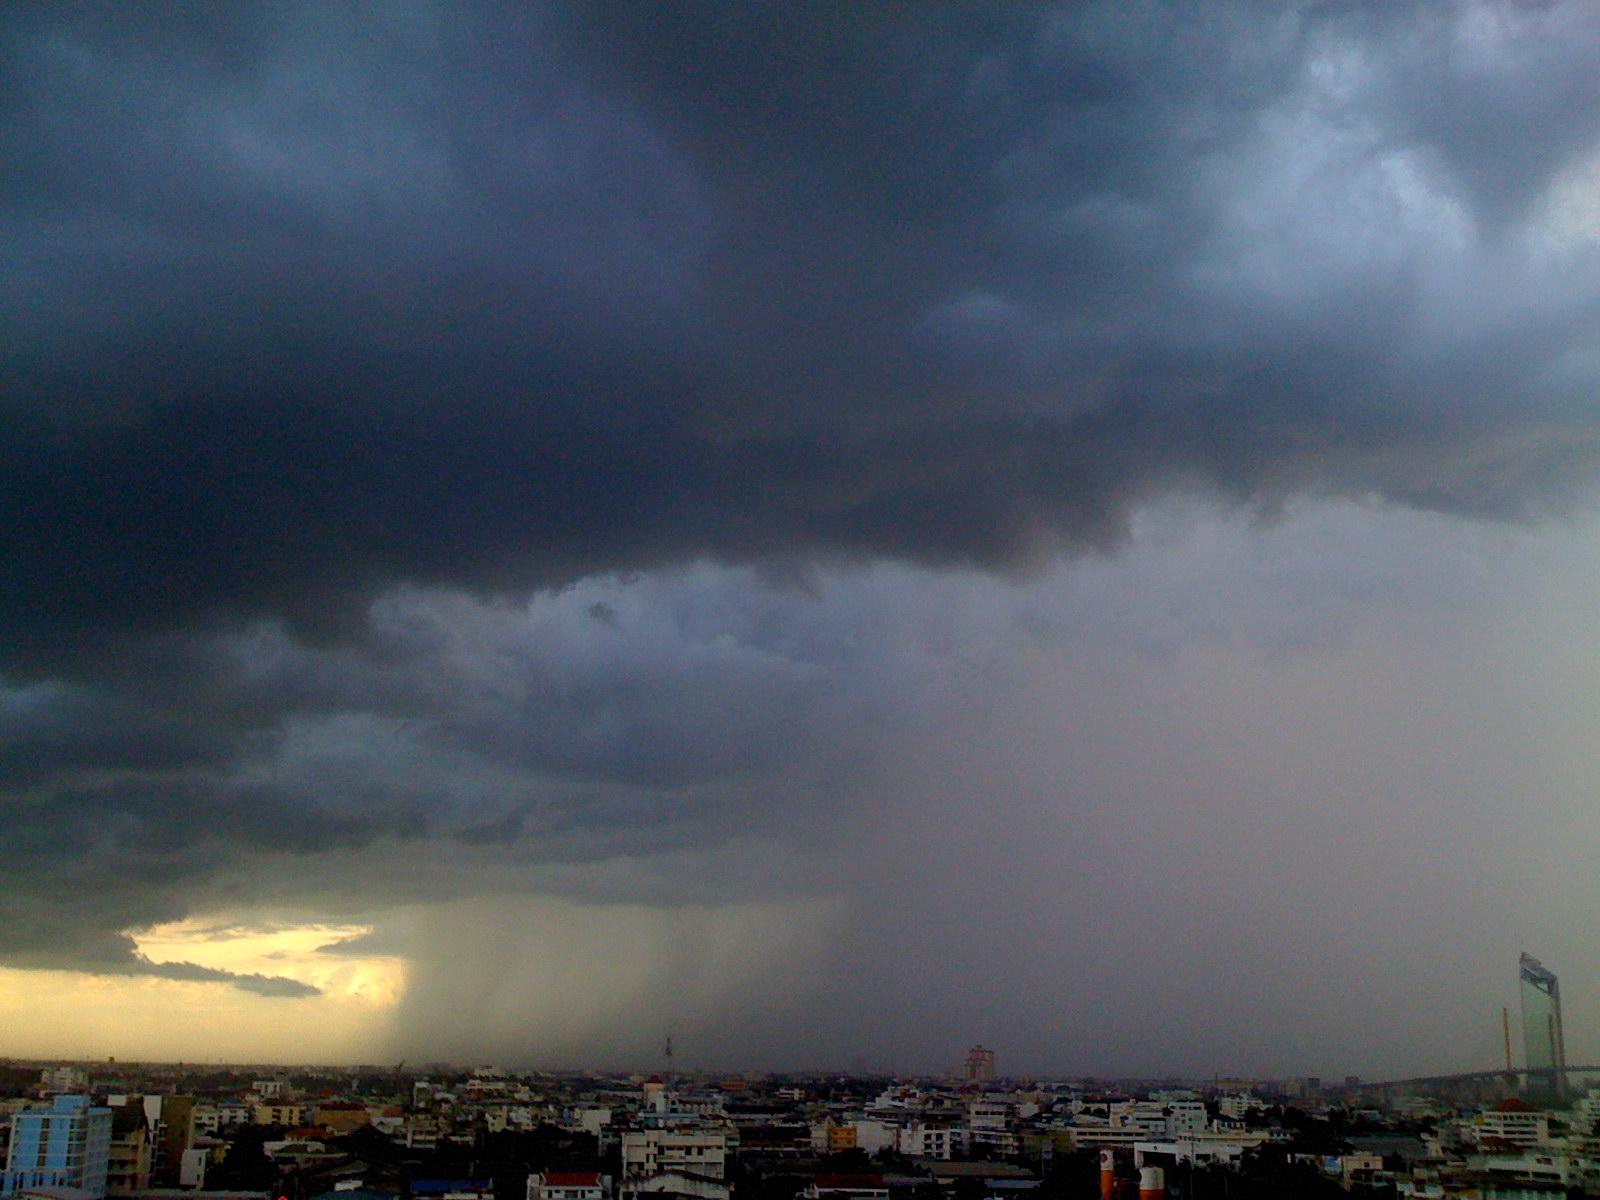 ท้องฟ้า เมฆพายุฝน เห็นธนาคารกสิกรไทย สนง.ใหญ่